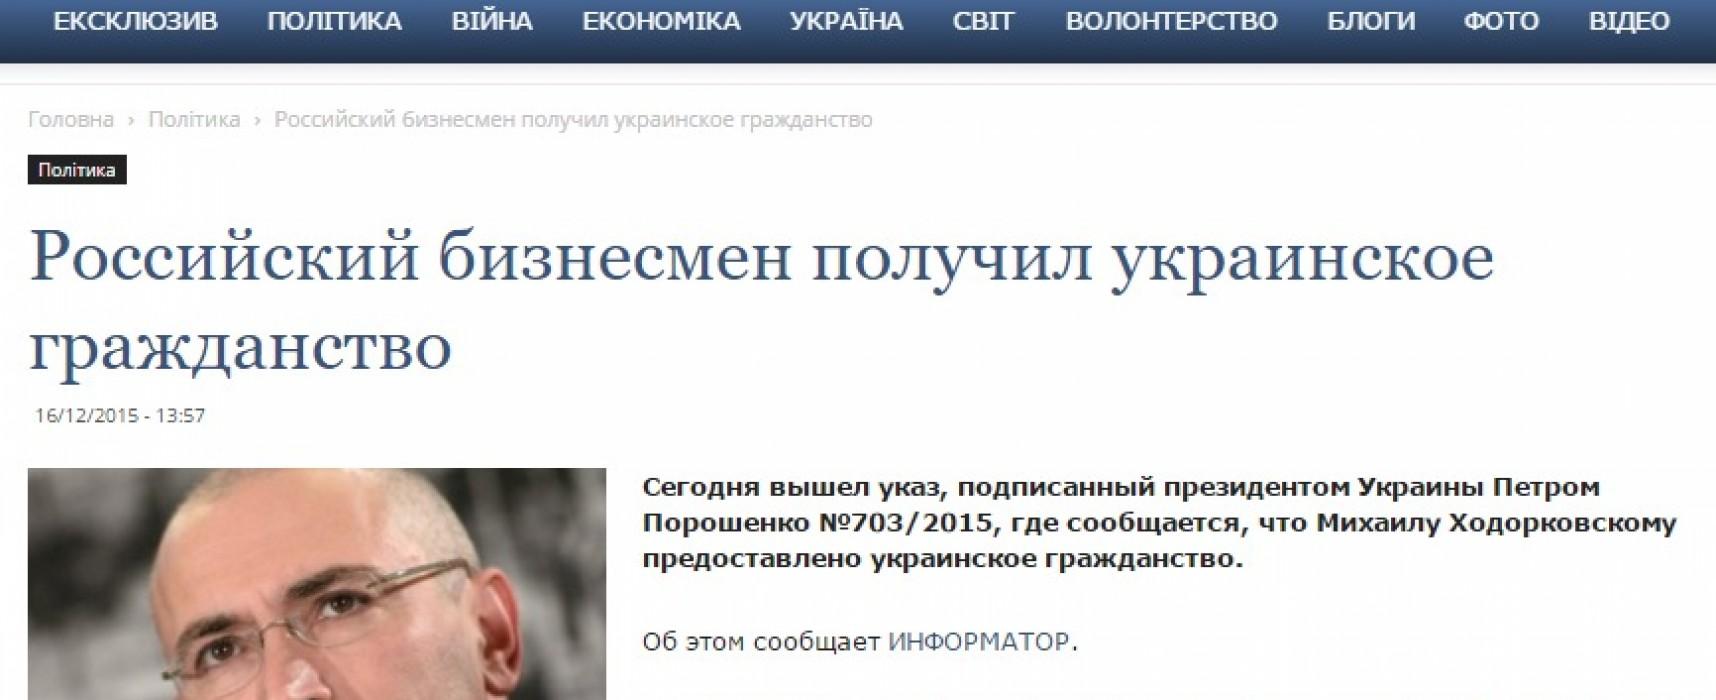 Фейк: Ходорковски получил украинско гражданство